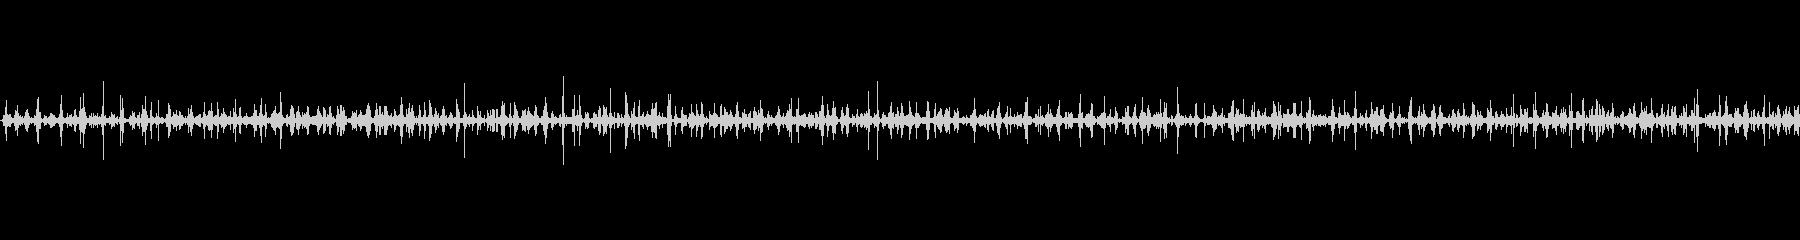 フラグ 小さなループ01の未再生の波形